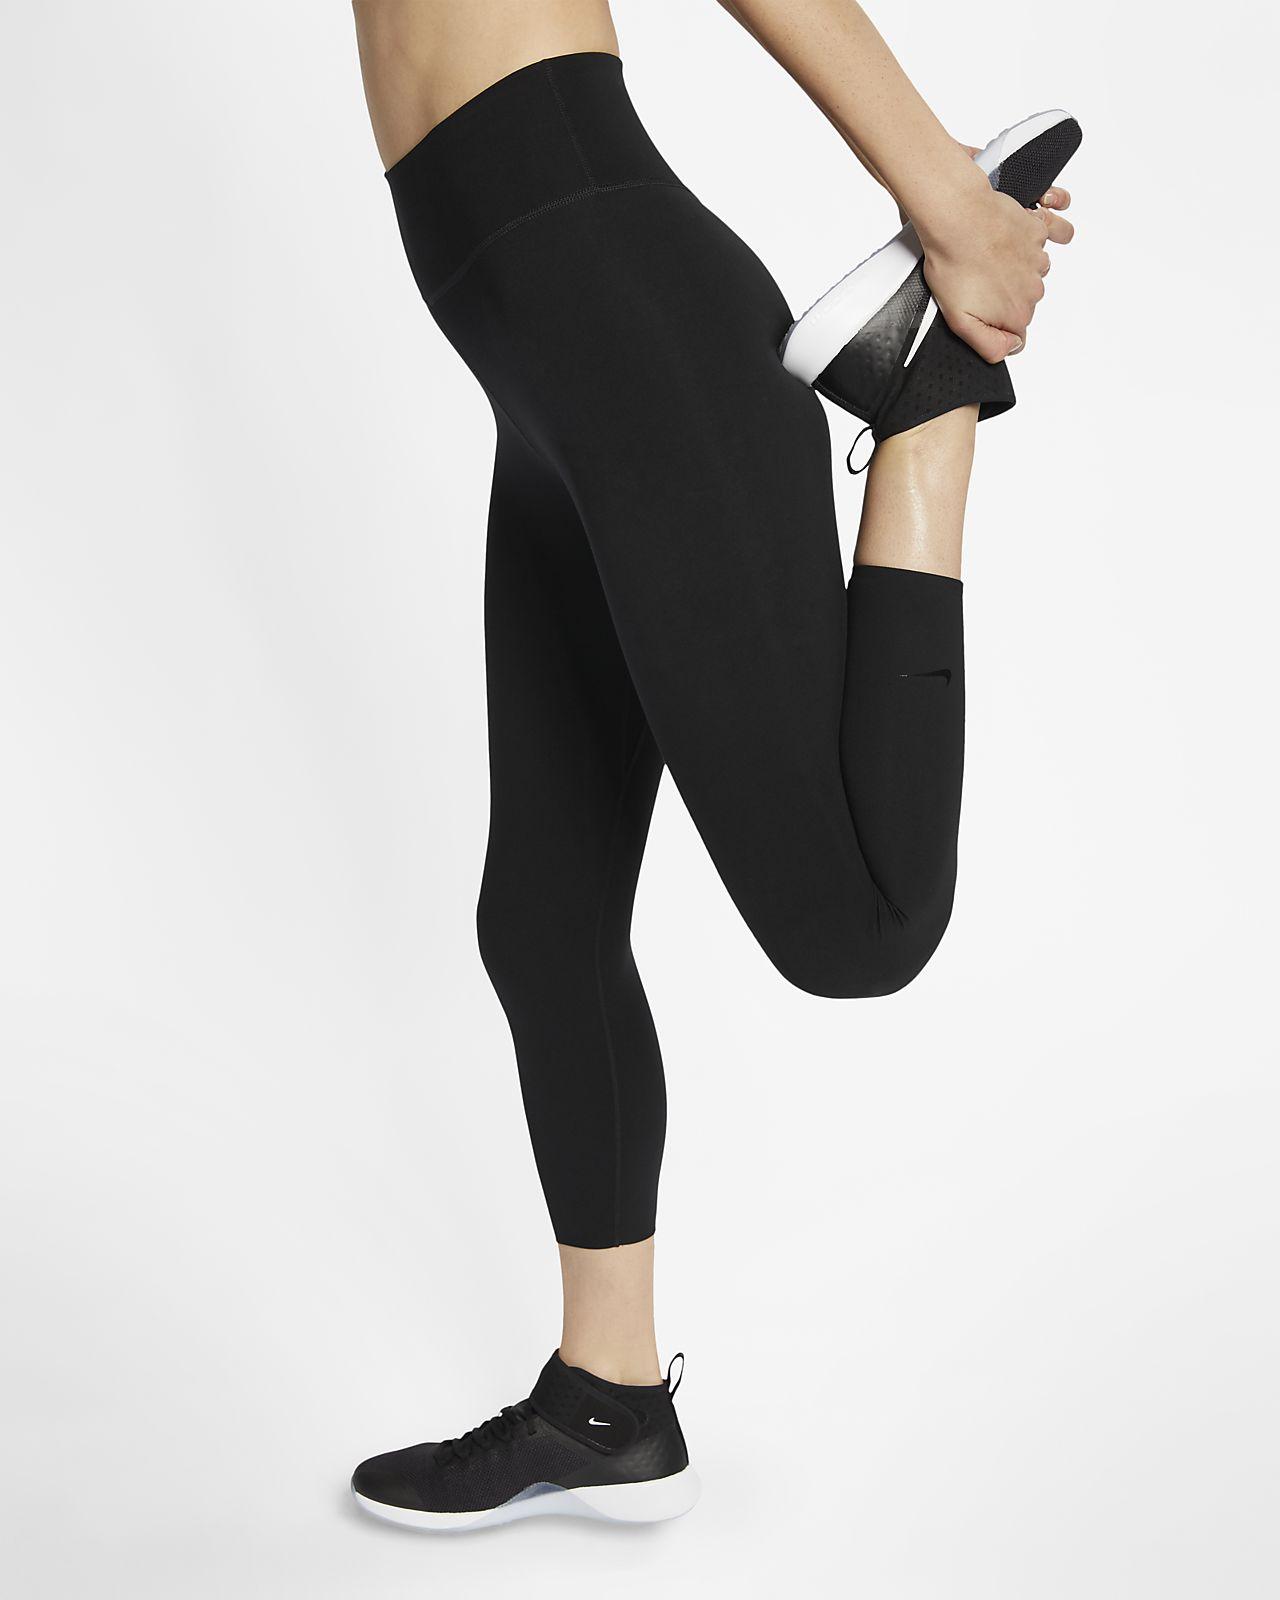 Knälånga tights Nike One Luxe för kvinnor